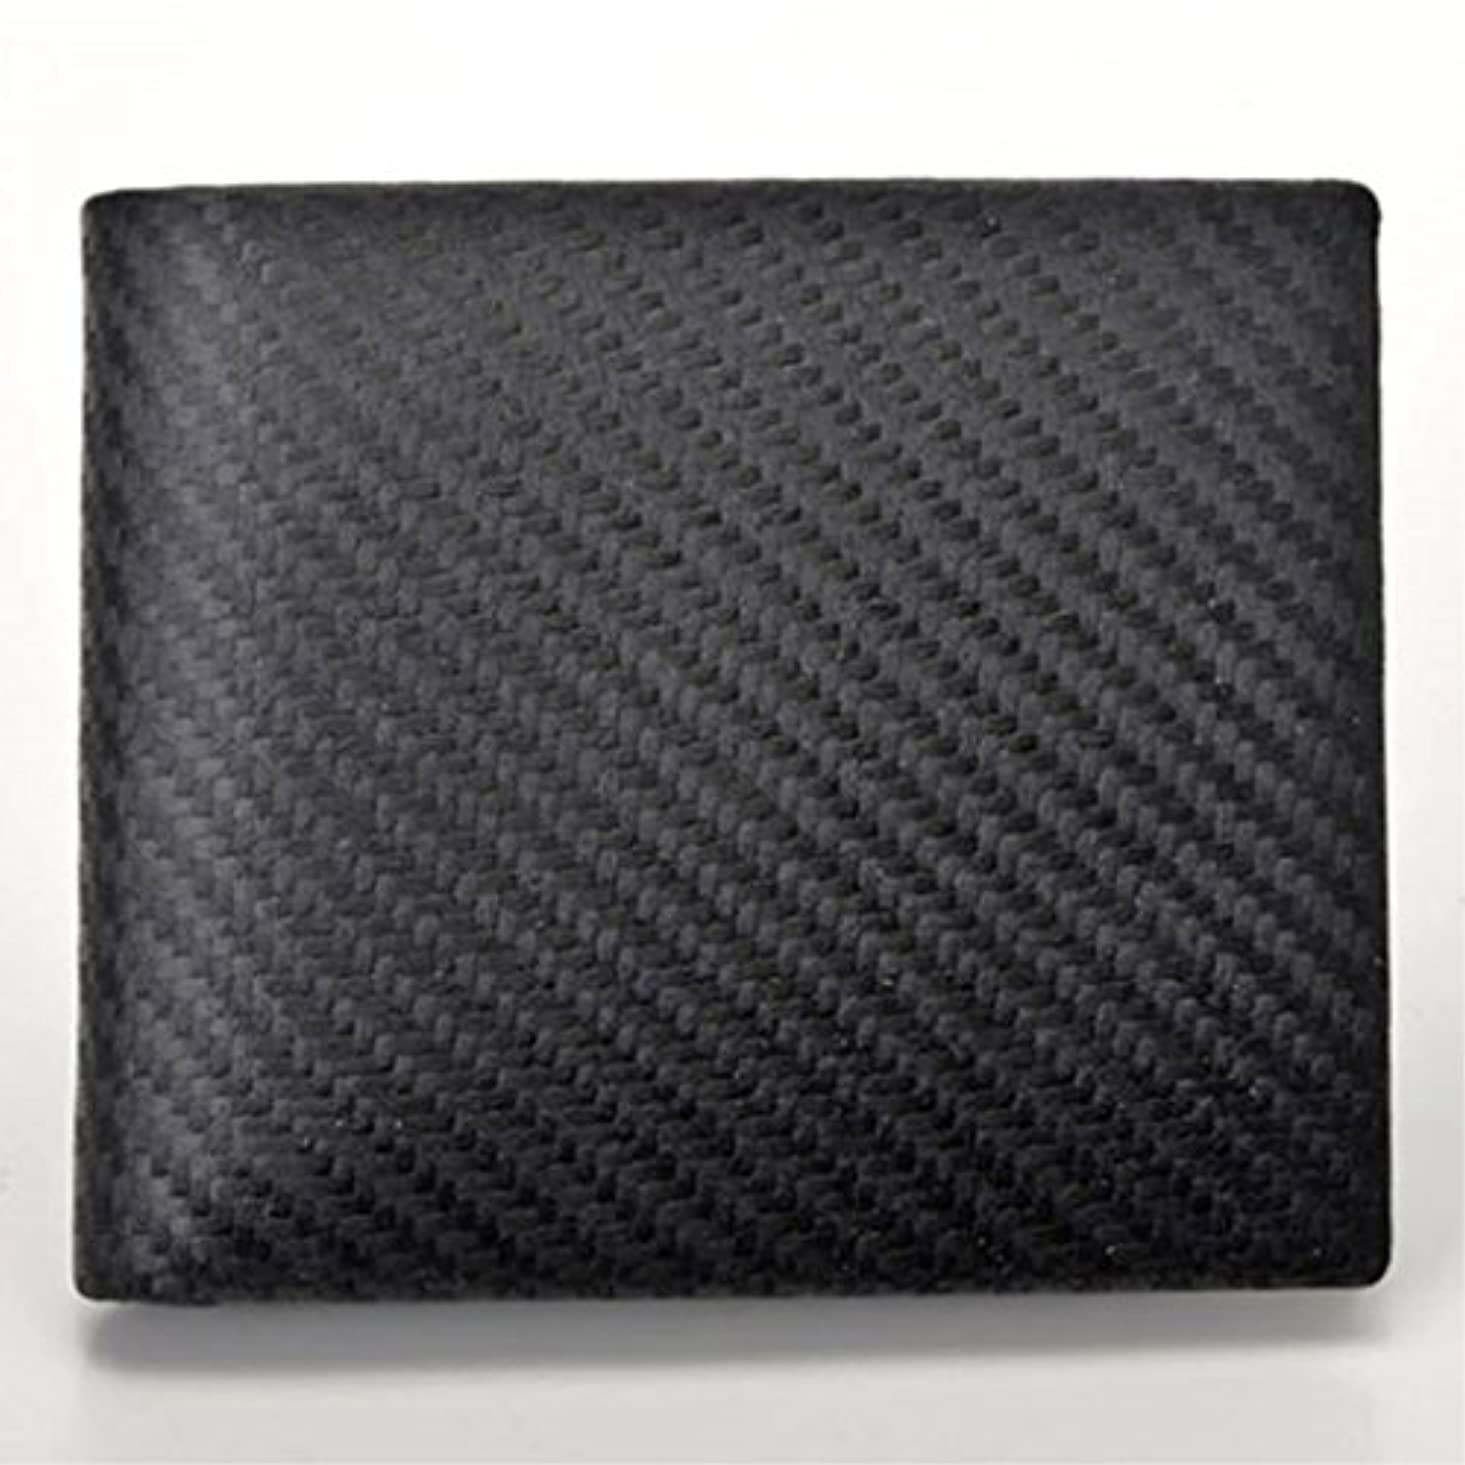 クラシカル感謝しているパトロンダンヒル L2H232A CHASSIS グレーブラック 二つ折り財布 [並行輸入品]